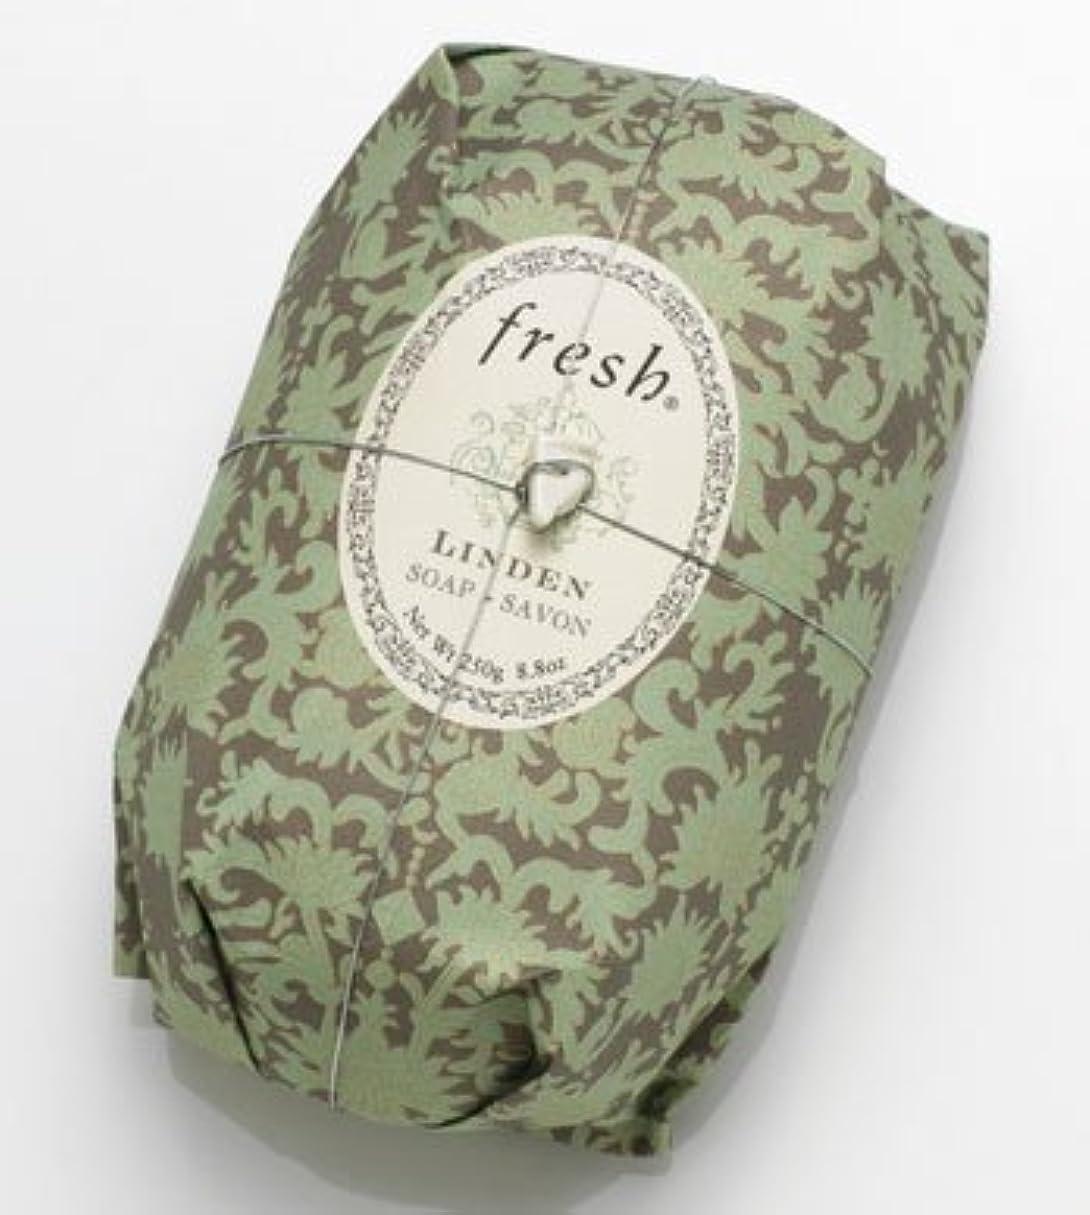 層貸し手危険Fresh LINDEN SOAP (フレッシュ リンデン ソープ) 8.8 oz (250g) Soap (石鹸) by Fresh